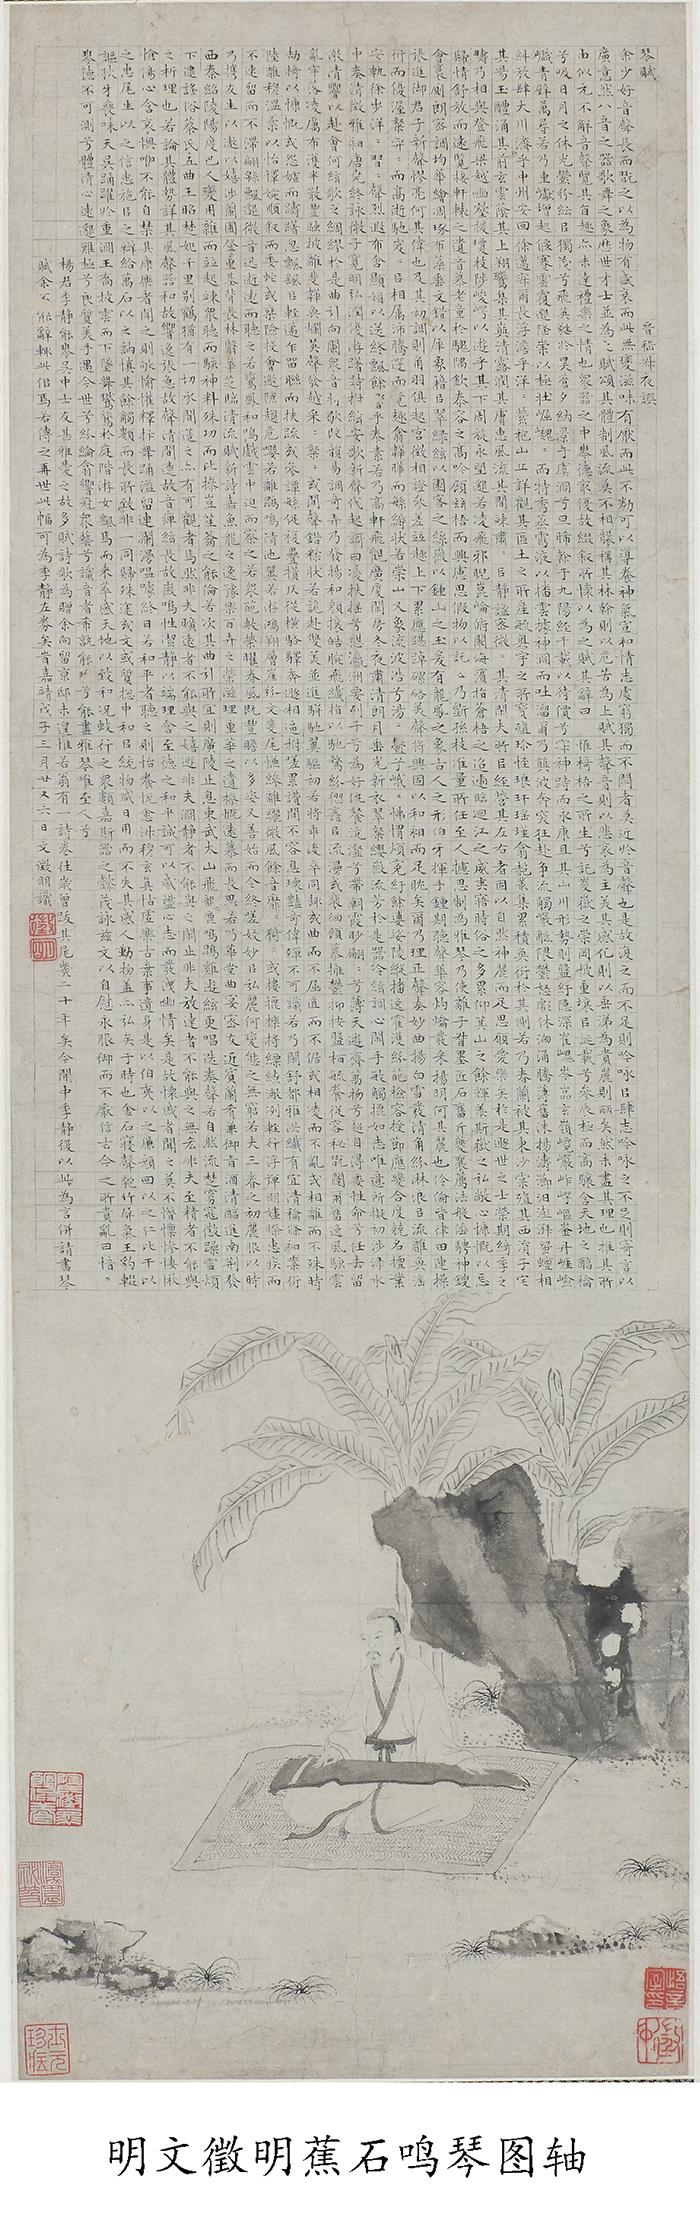 10.明文徵明蕉石鸣琴图轴.jpg